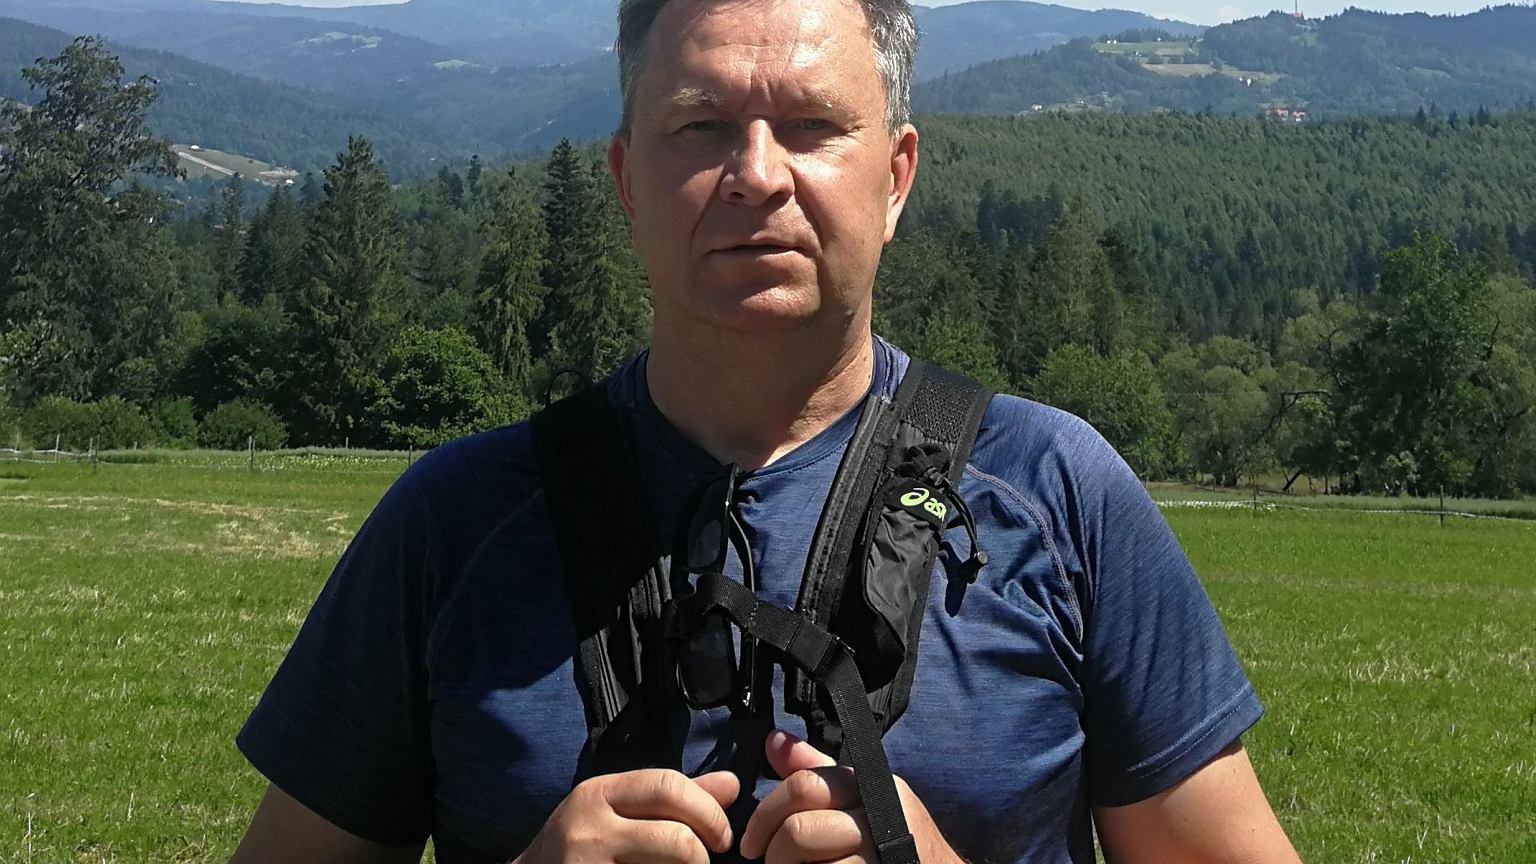 Sławomir Moczydłowski, psycholog i dyrektor Młodzieżowego Centrum Edukacji i Readaptacji Społecznej w Goniądzu